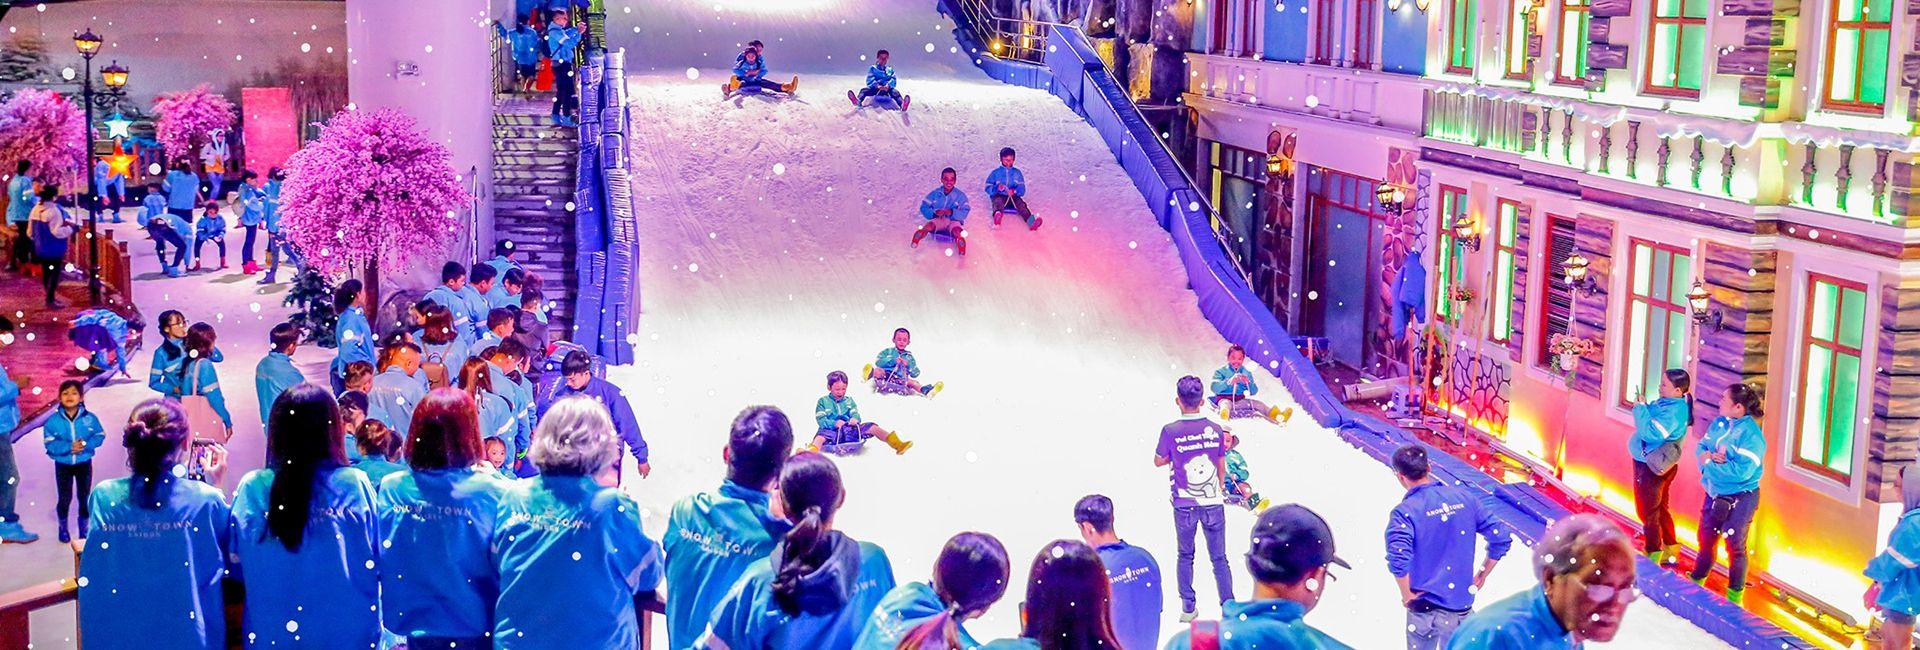 Hướng dẫn tham quan, vui chơi ở Nhà Tuyết, Quận 2, Sài Gòn